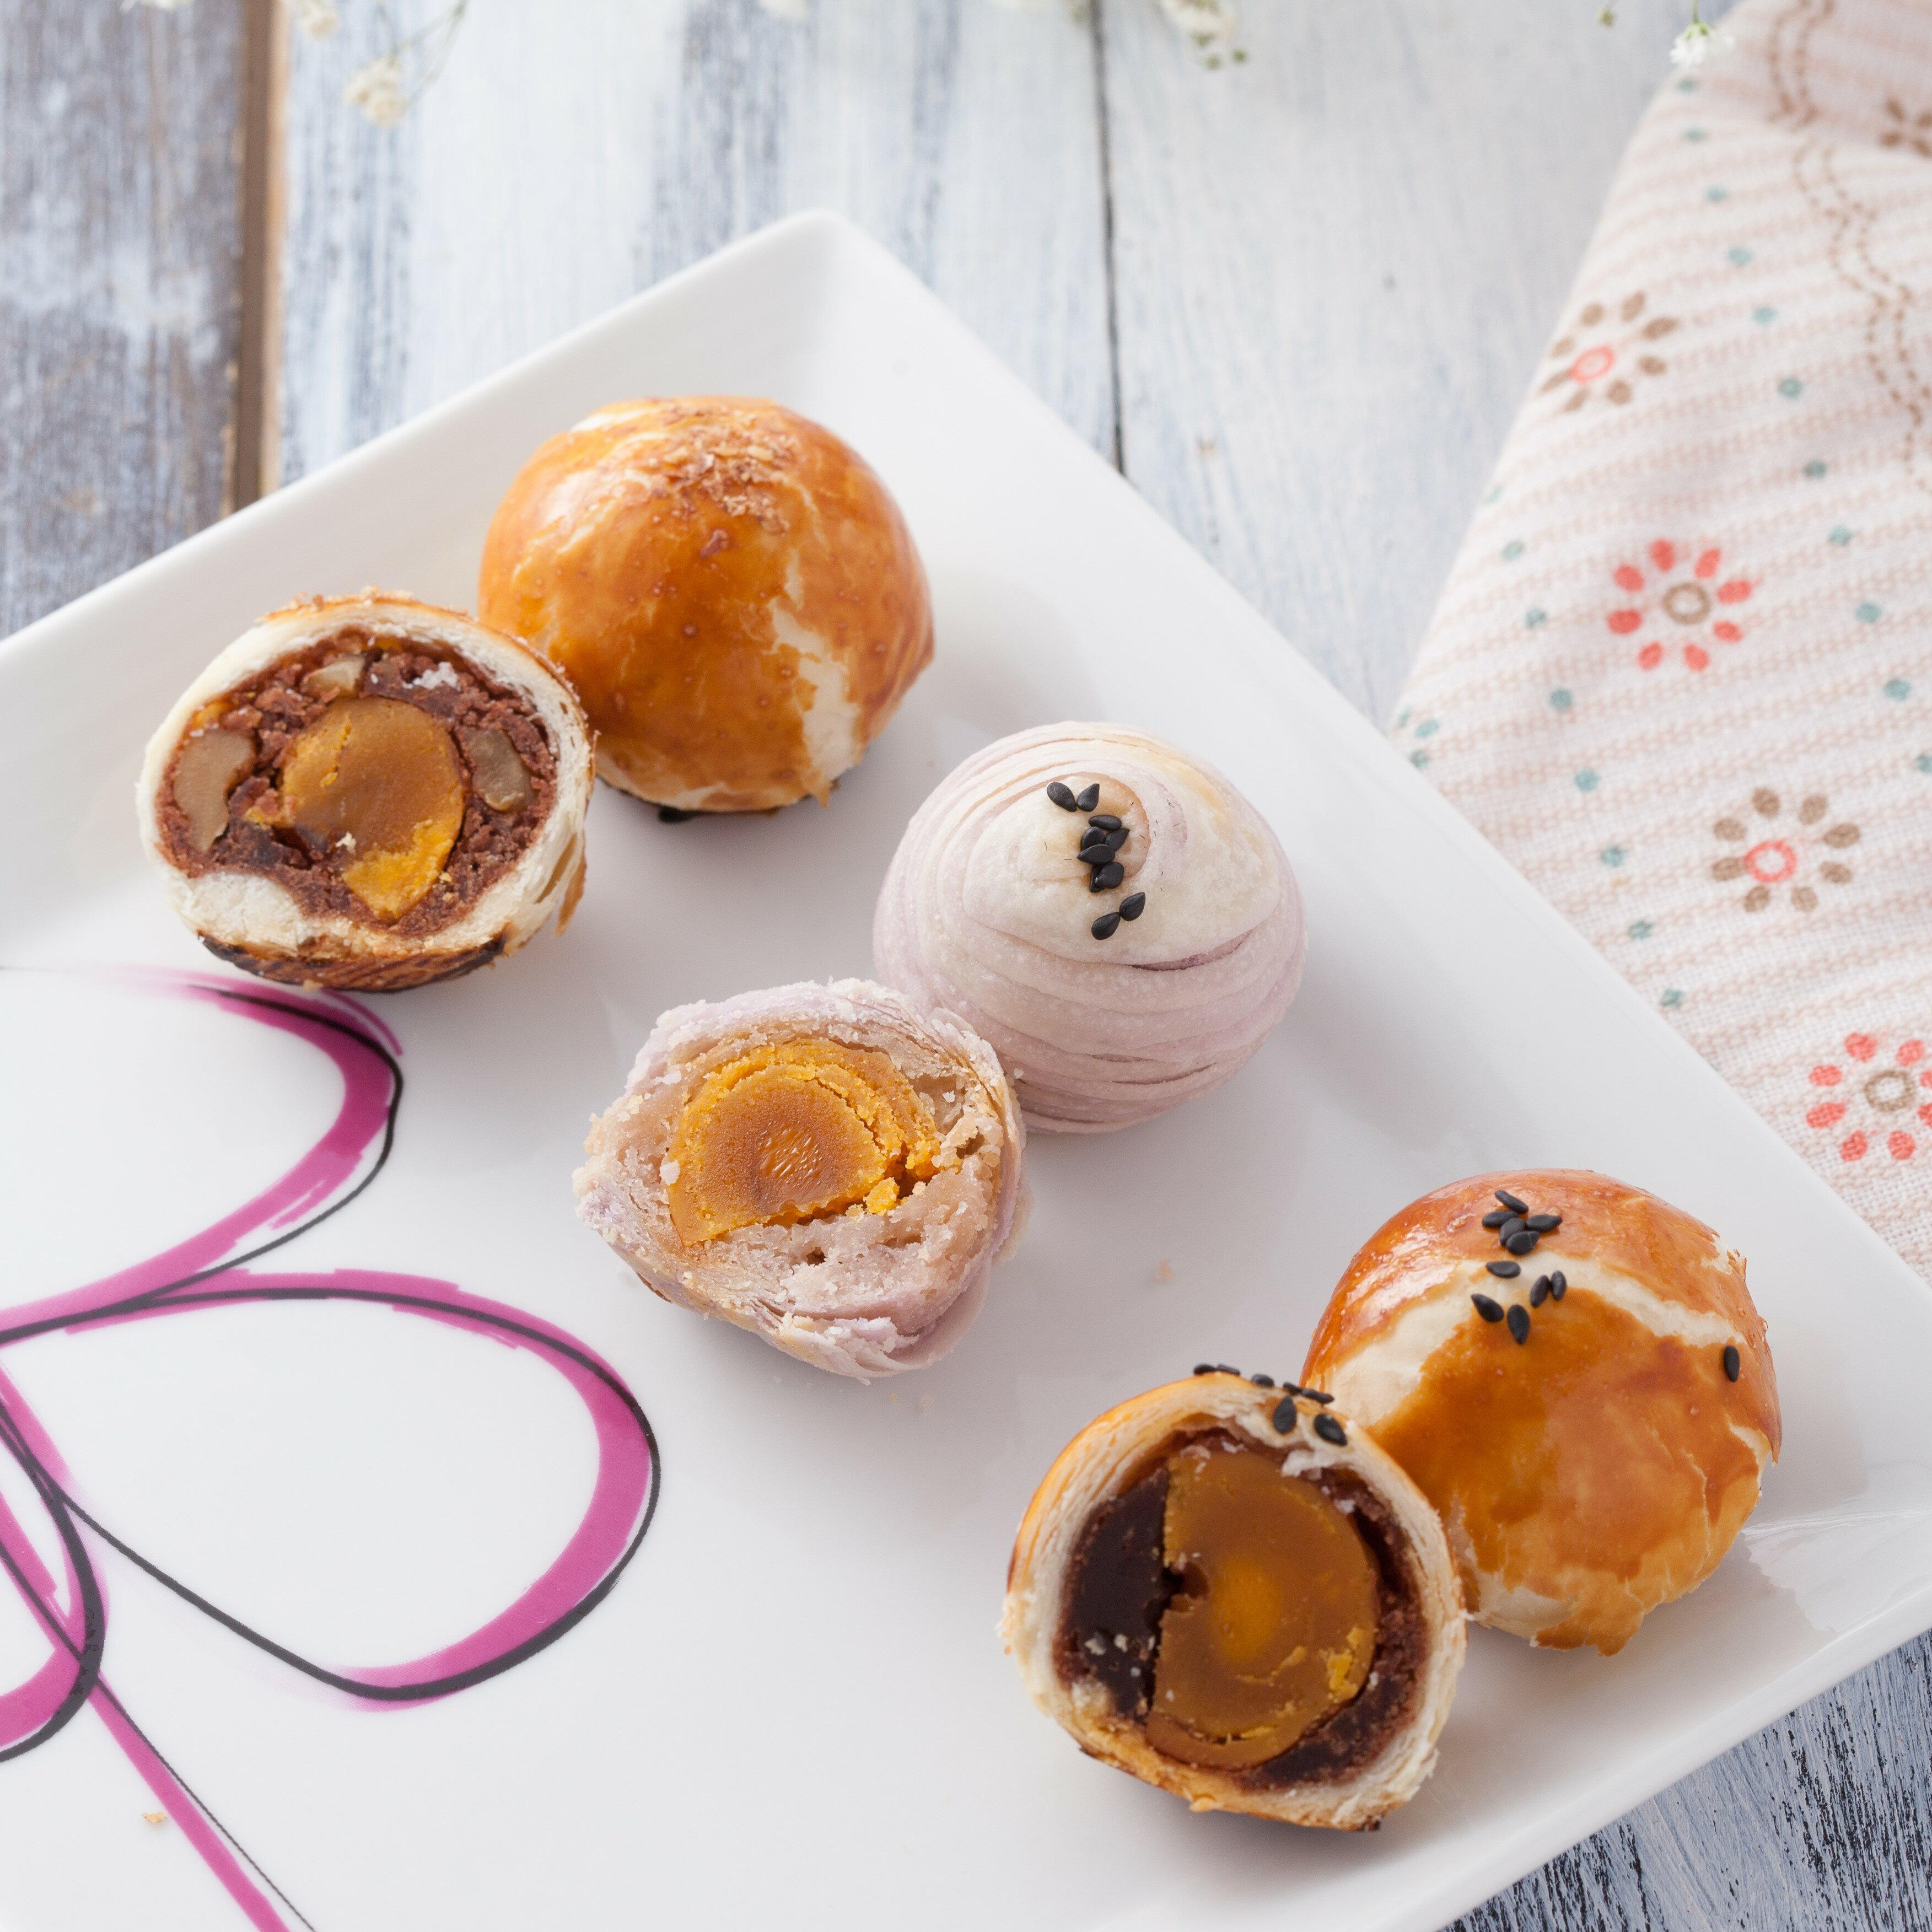 【一口酥超值組合】蛋黃酥、核桃蛋黃、芋頭酥、芋頭肉鬆、綠豆凸、綠豆肉鬆 / 12入禮盒 / 時尚送禮新選擇 3